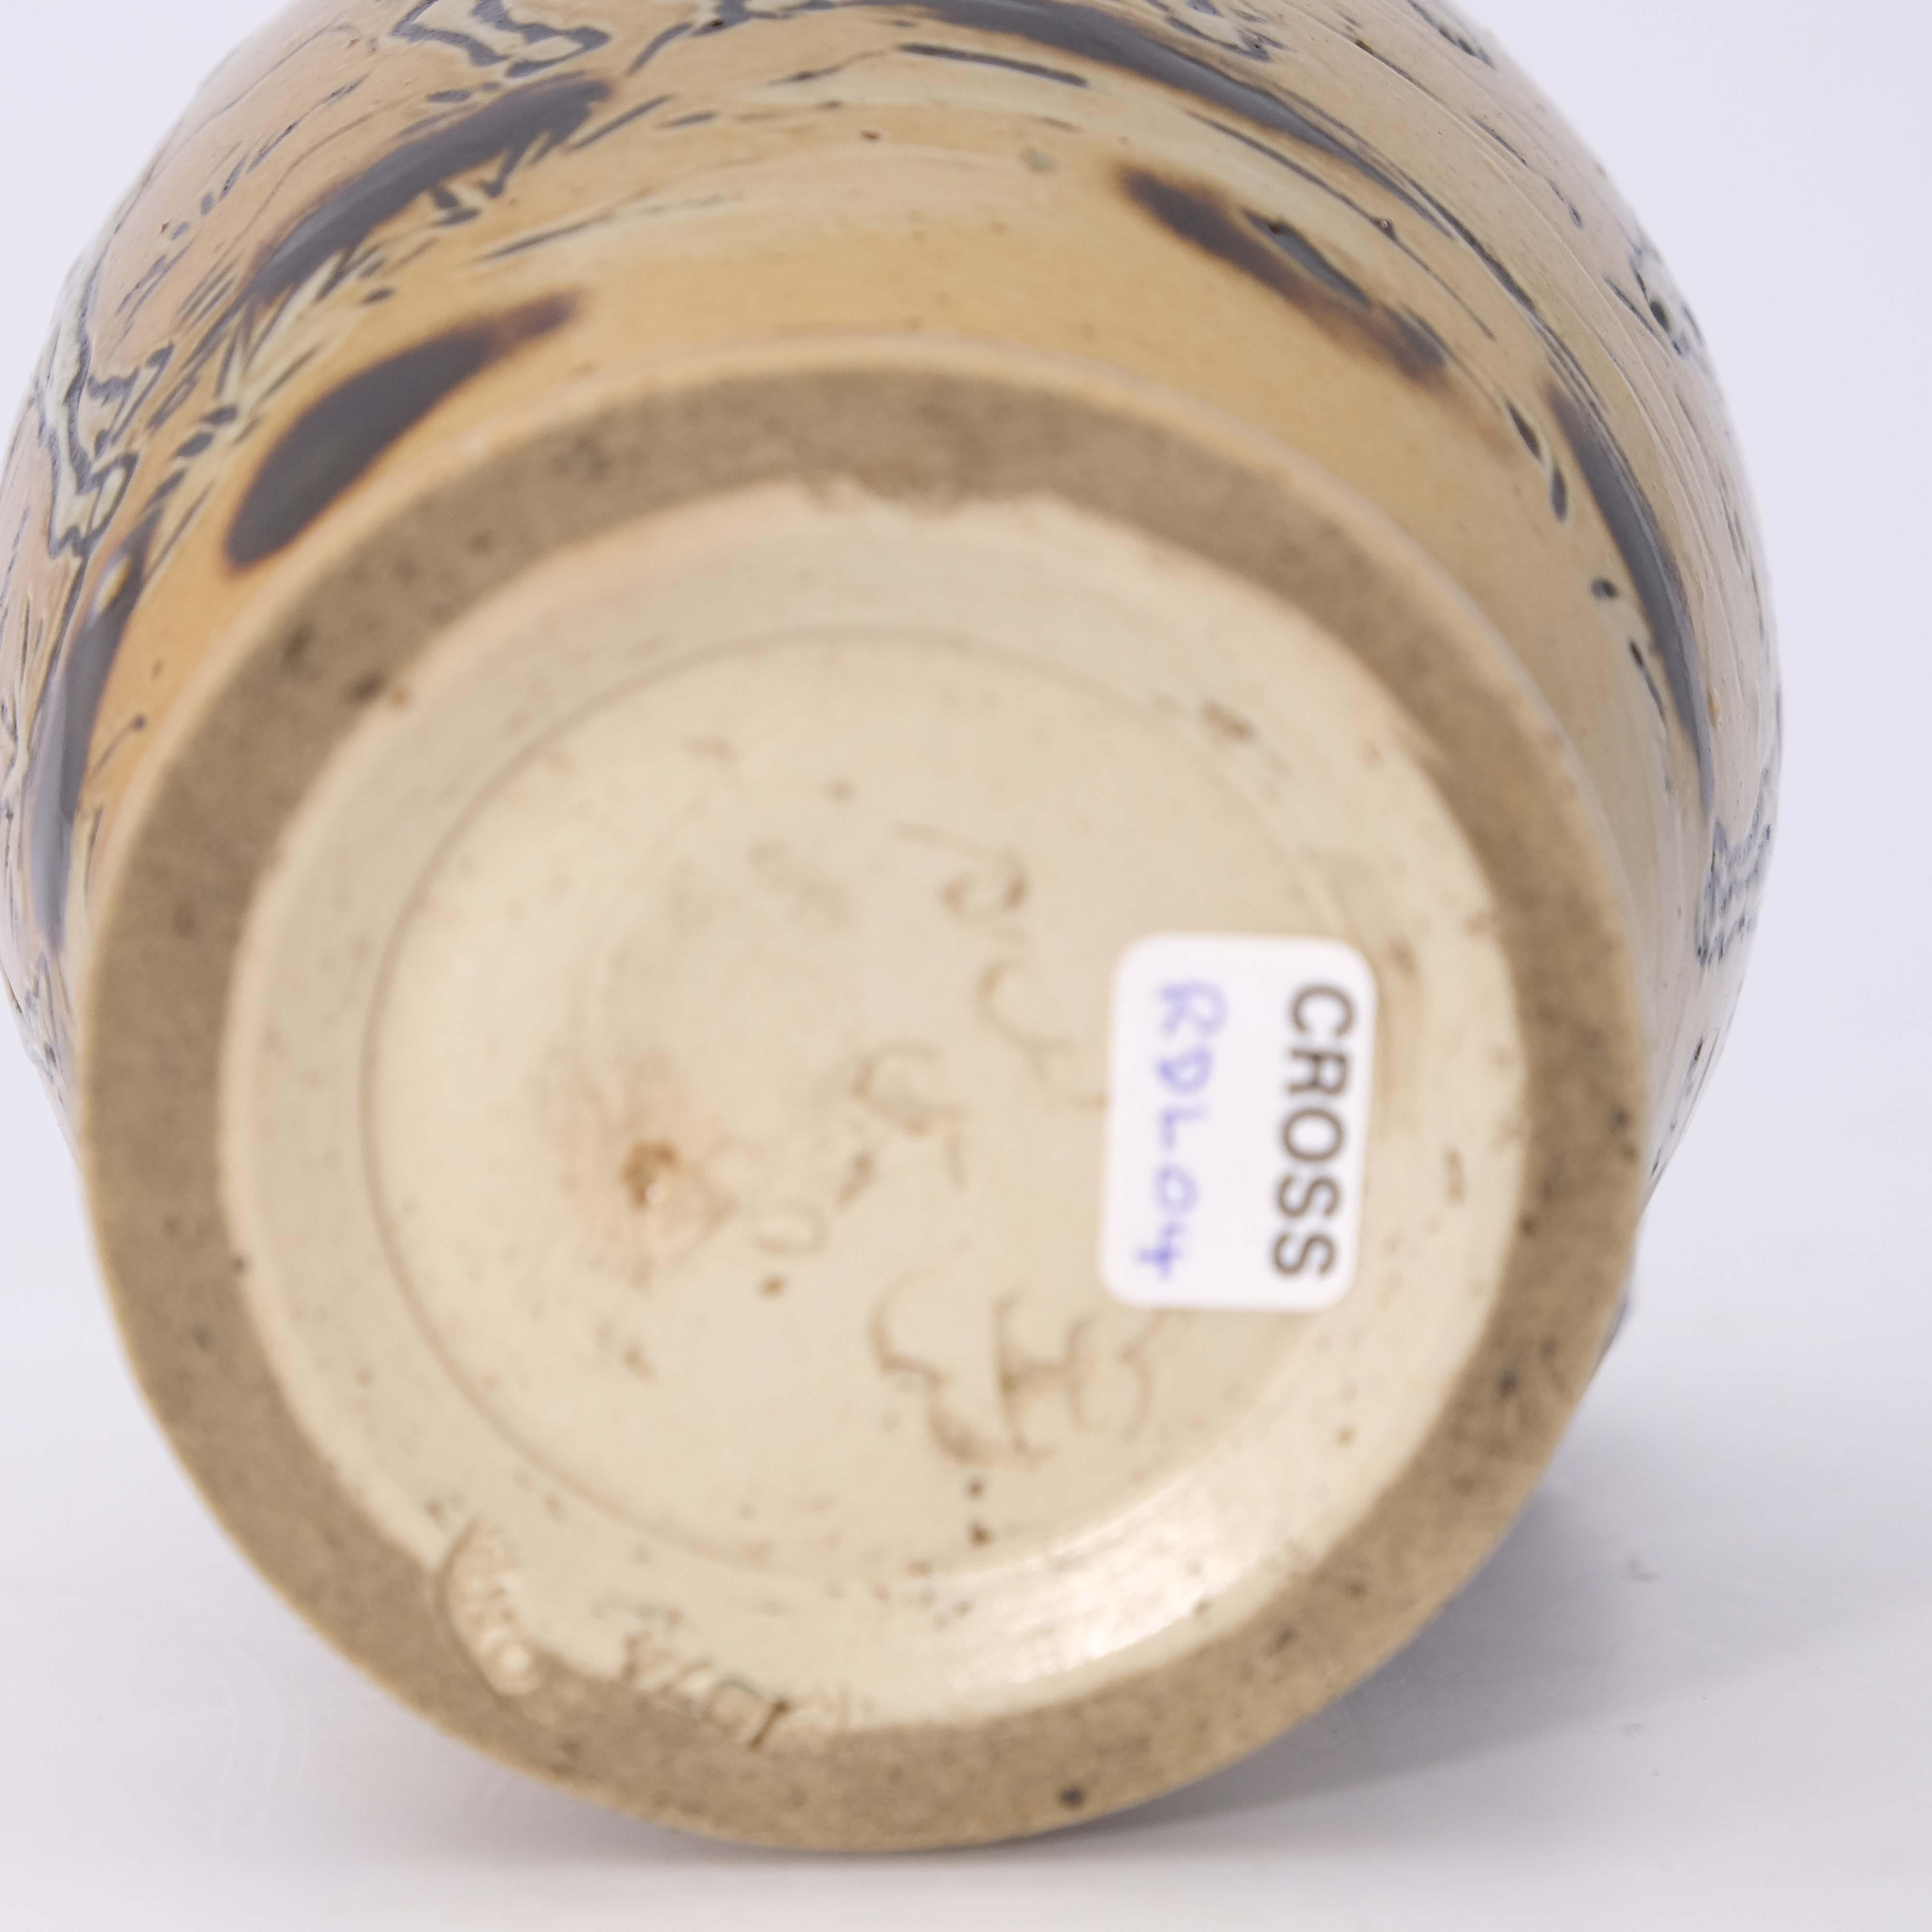 Hannah Barlow for Doulton Lambeth, a stoneware jug - Image 6 of 6